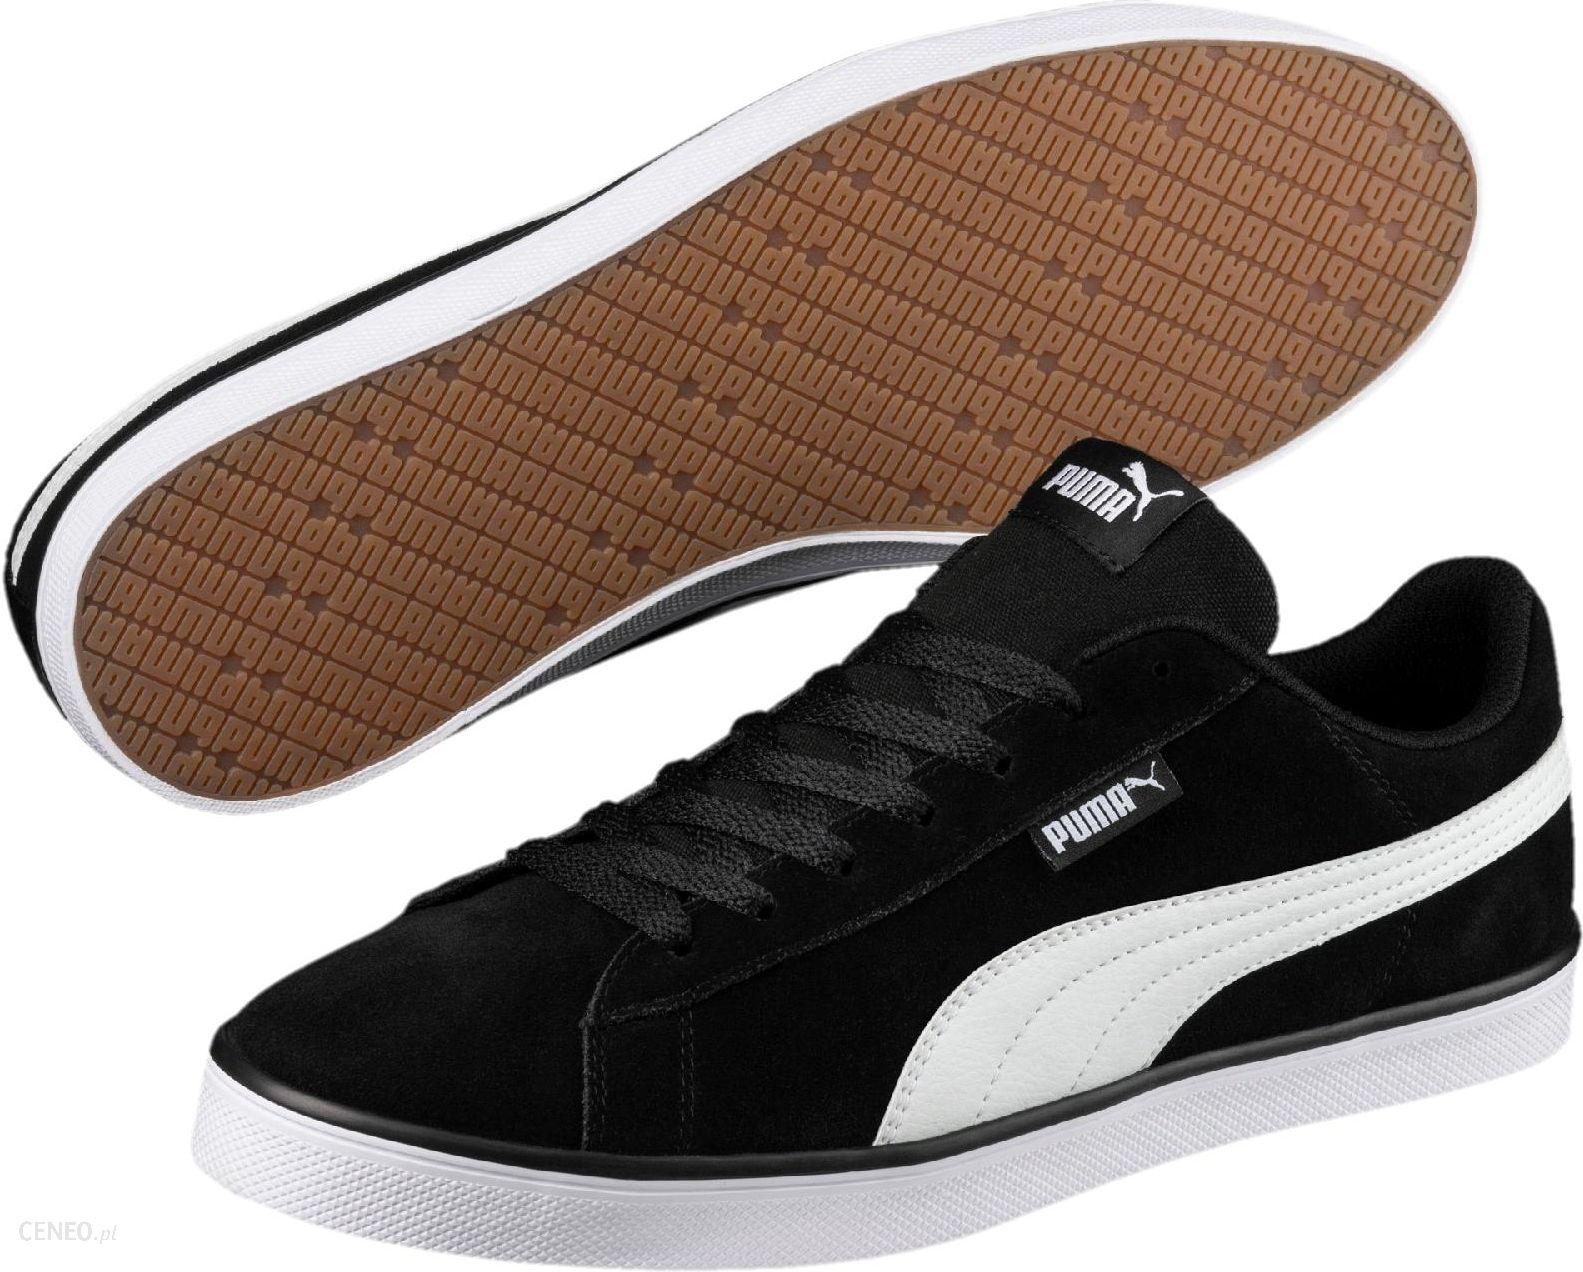 Puma buty Urban Plus SD Black White 45 Ceny i opinie Ceneo.pl